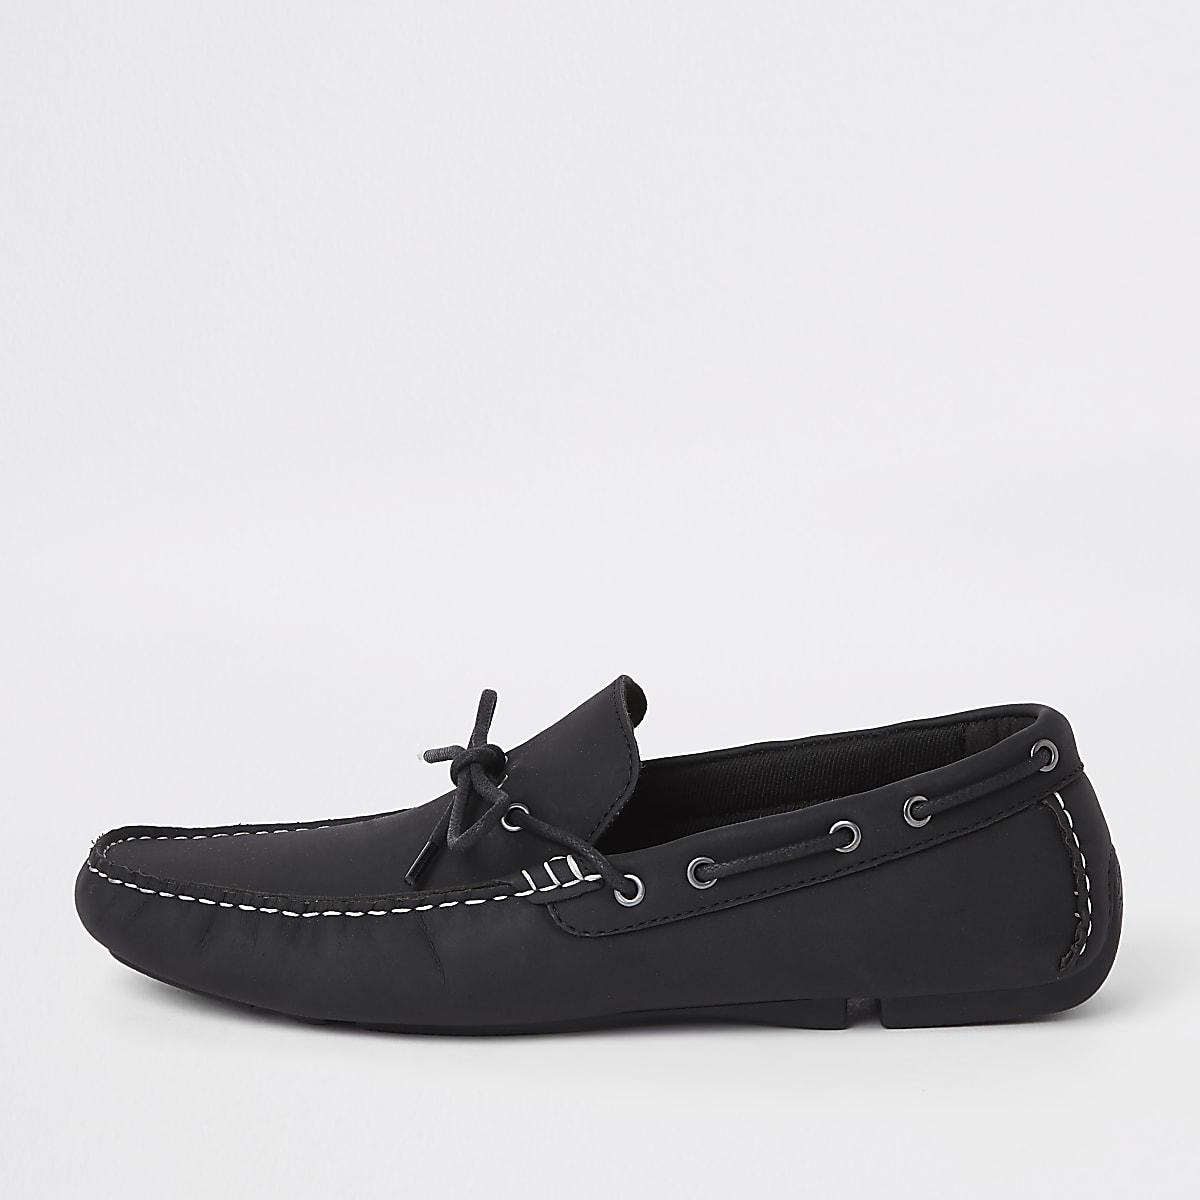 Chaussures de conduite noires